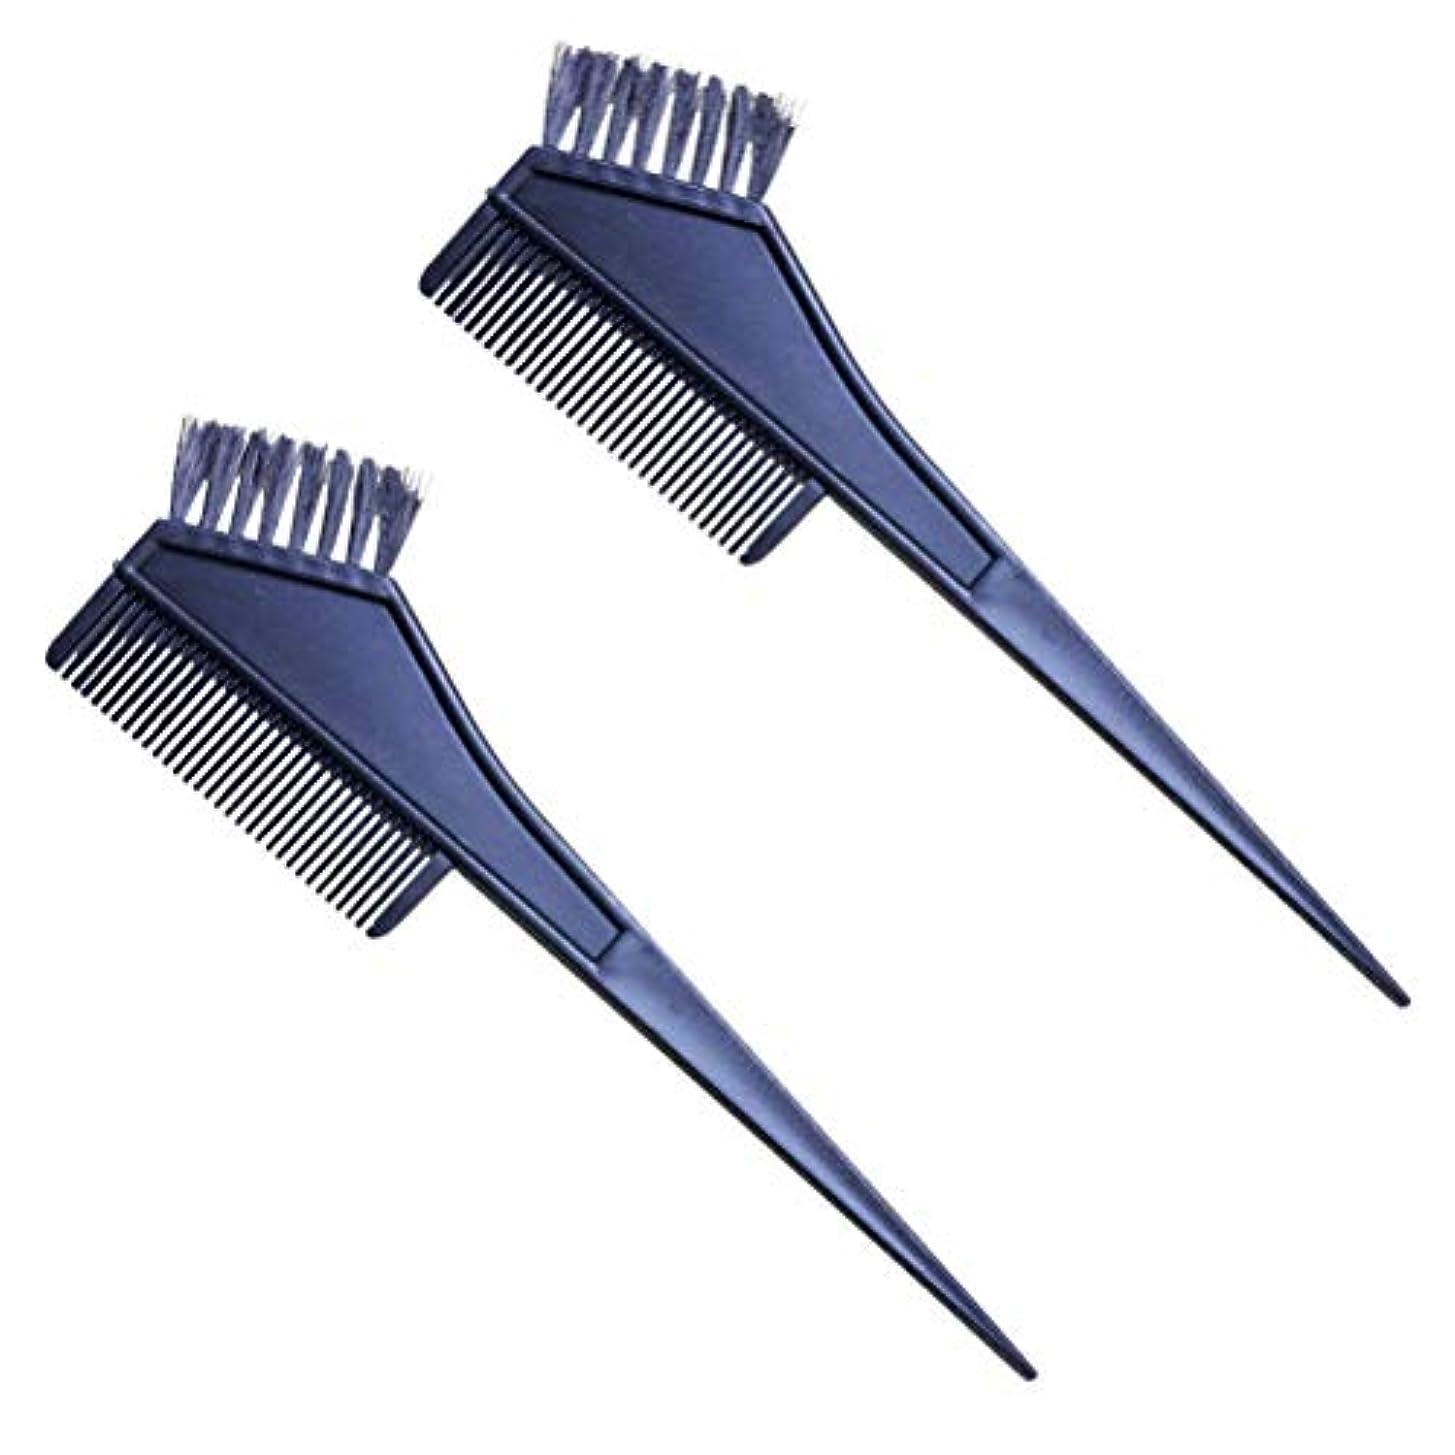 利用可能トリクル是正するFrcolor ヘアダイブラシ ヘアカラーブラシ ヘアダイコーム 白髪染め 家庭用 美容師プロ用 プラスチック製 2本セット(黒)